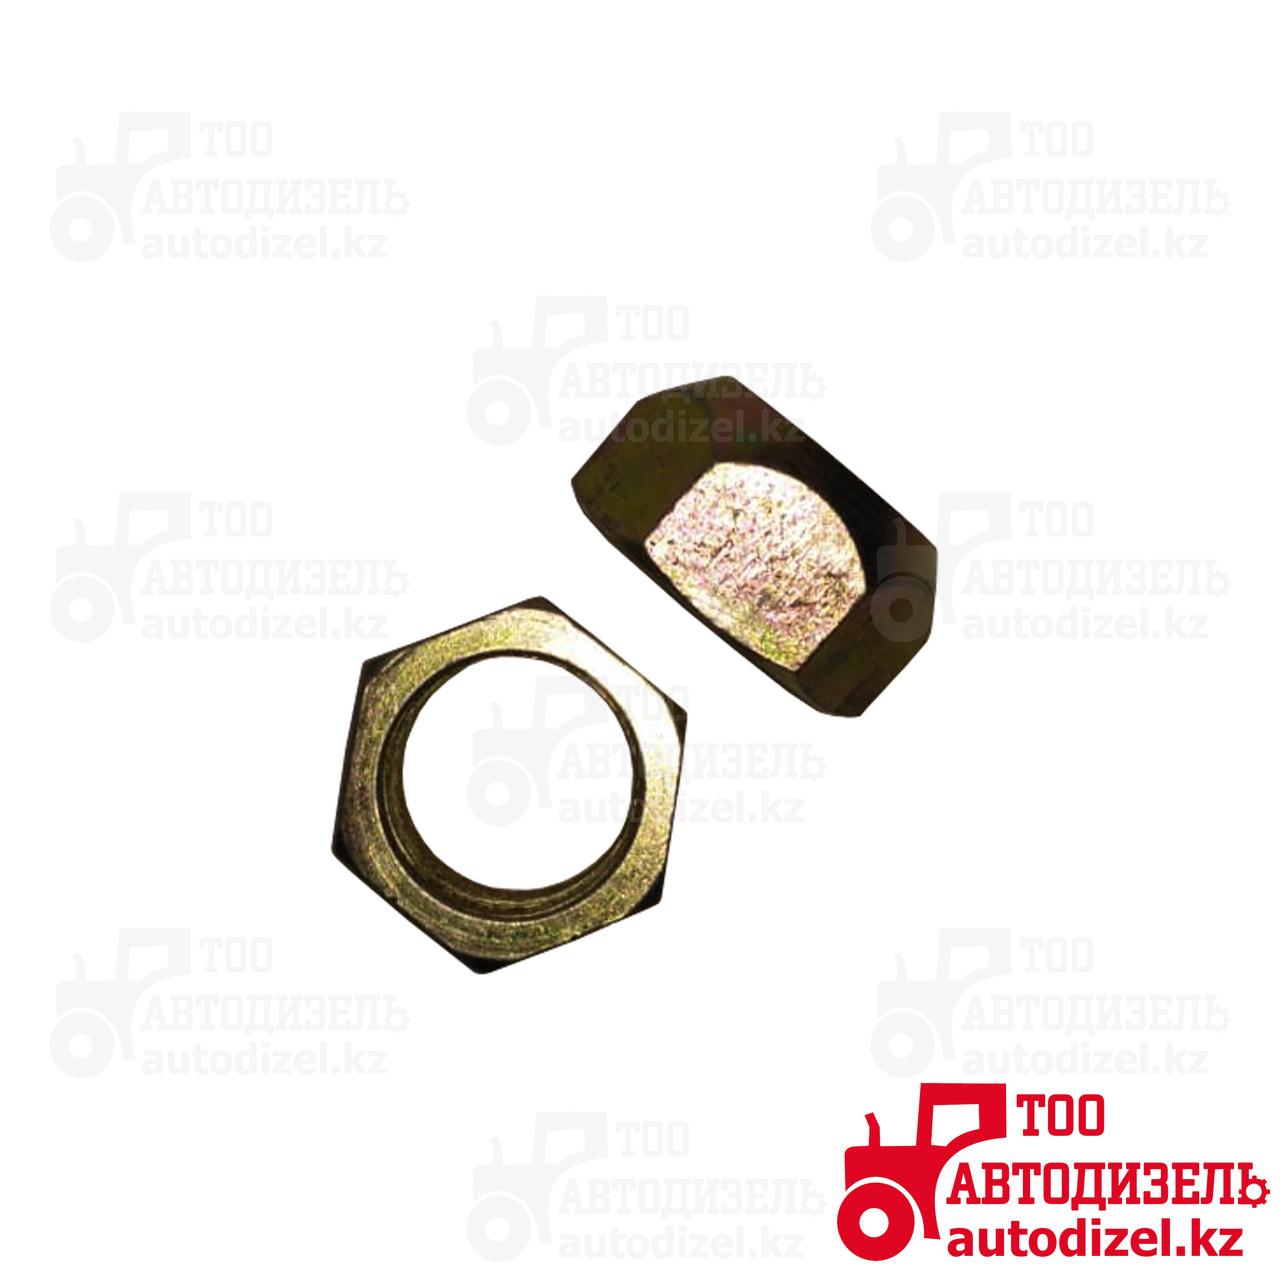 Гайка крепления диска колеса ЗИЛ-130 120-3104056 задняя правая